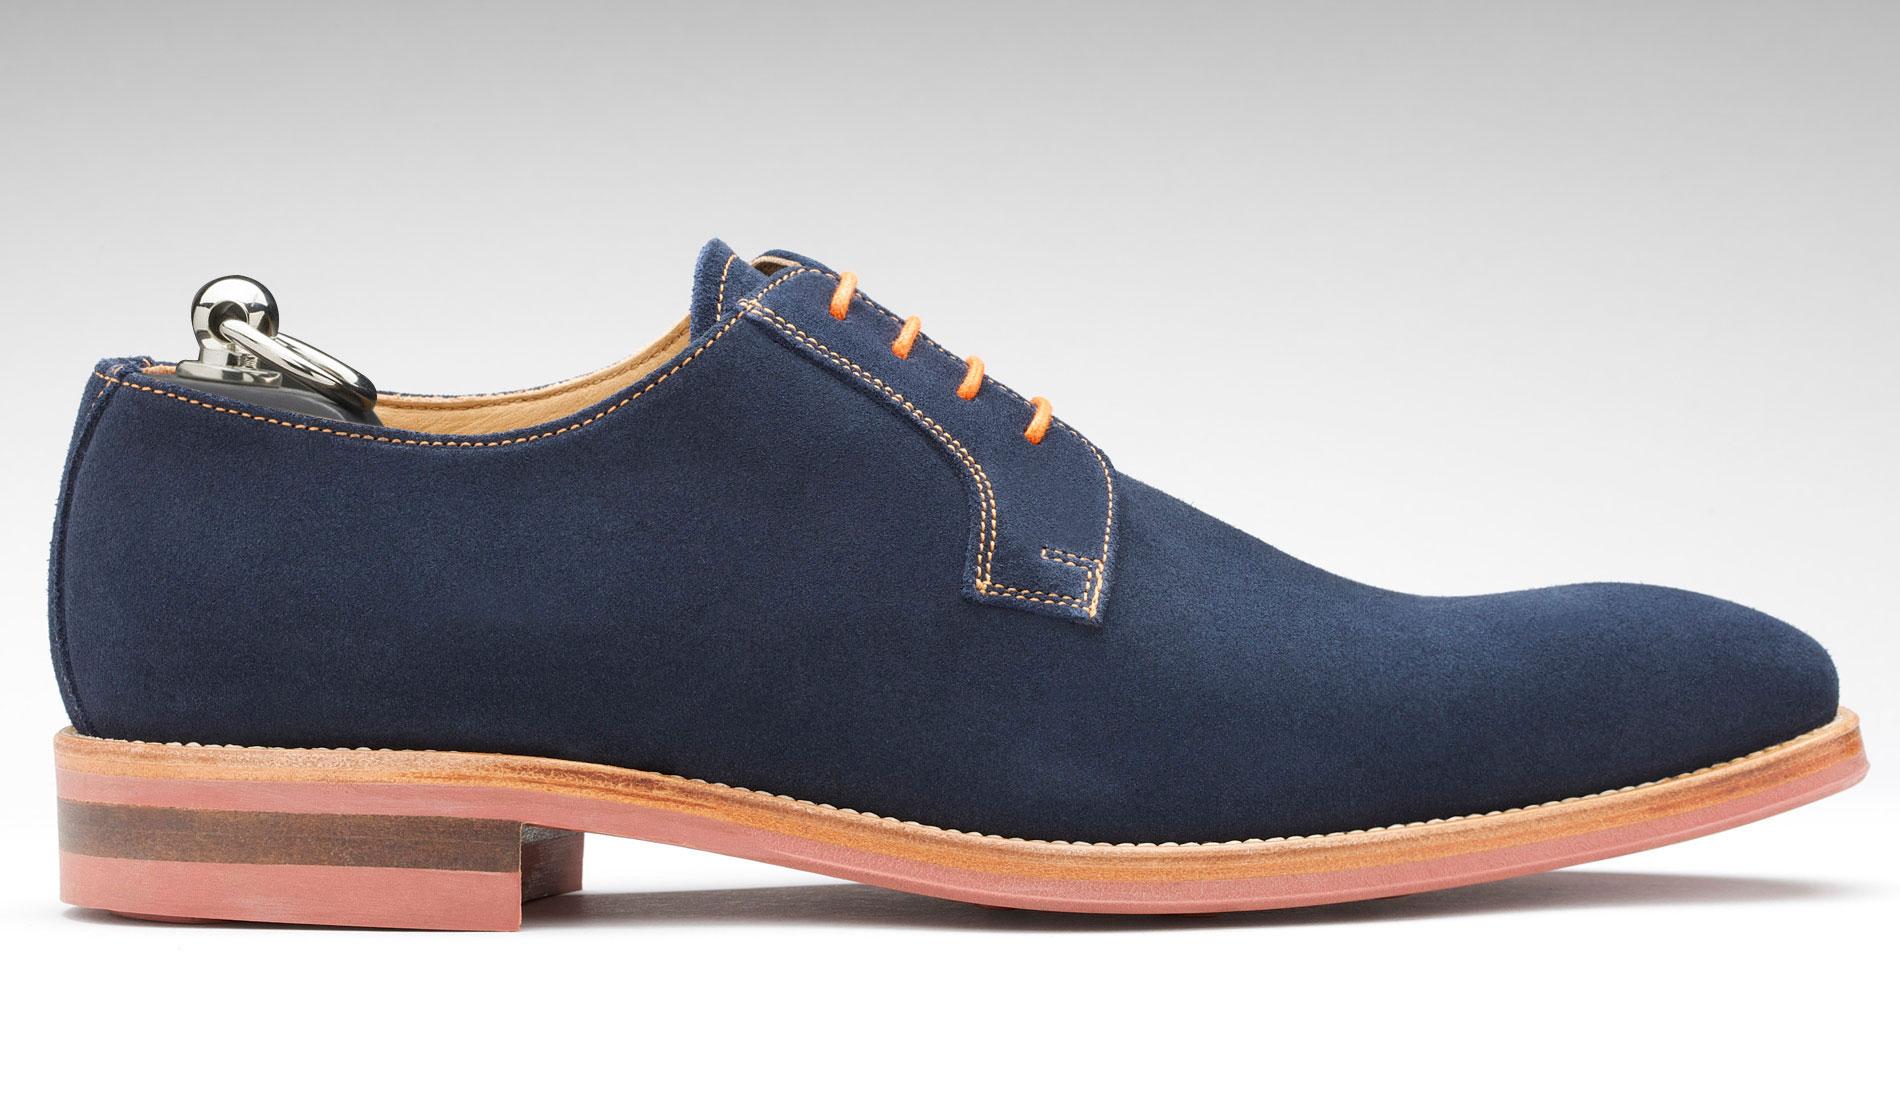 Chaussure de ville bleu marine